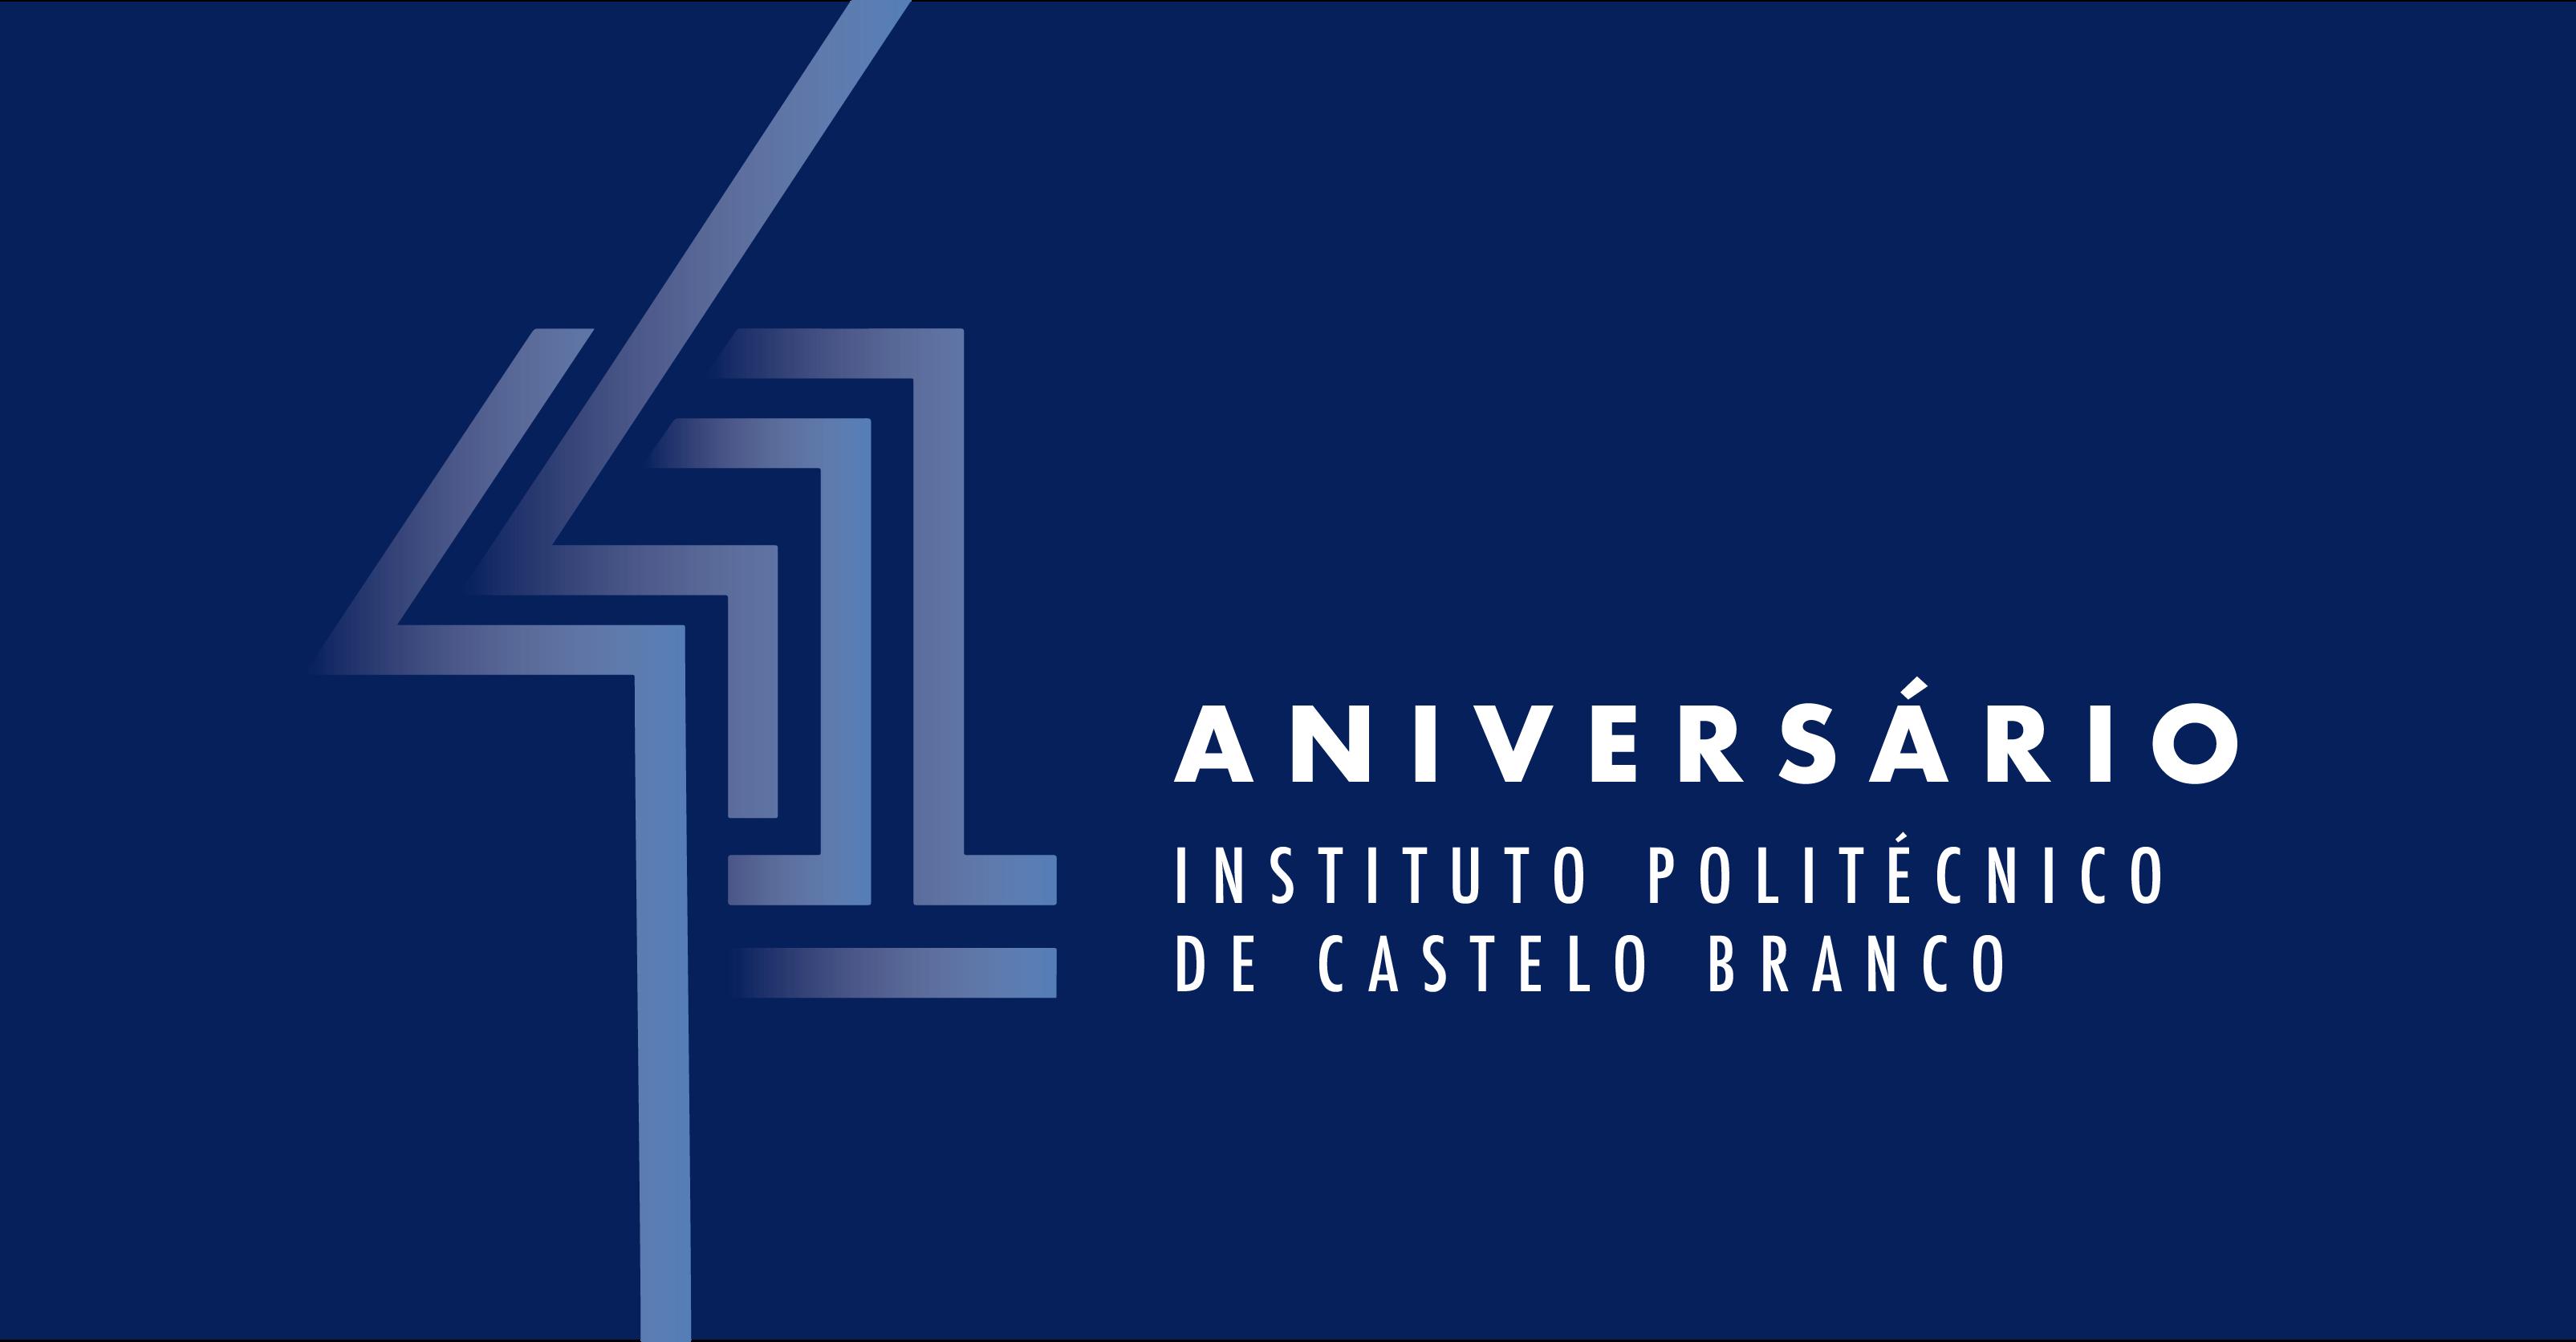 41.º Aniversário do IPCB